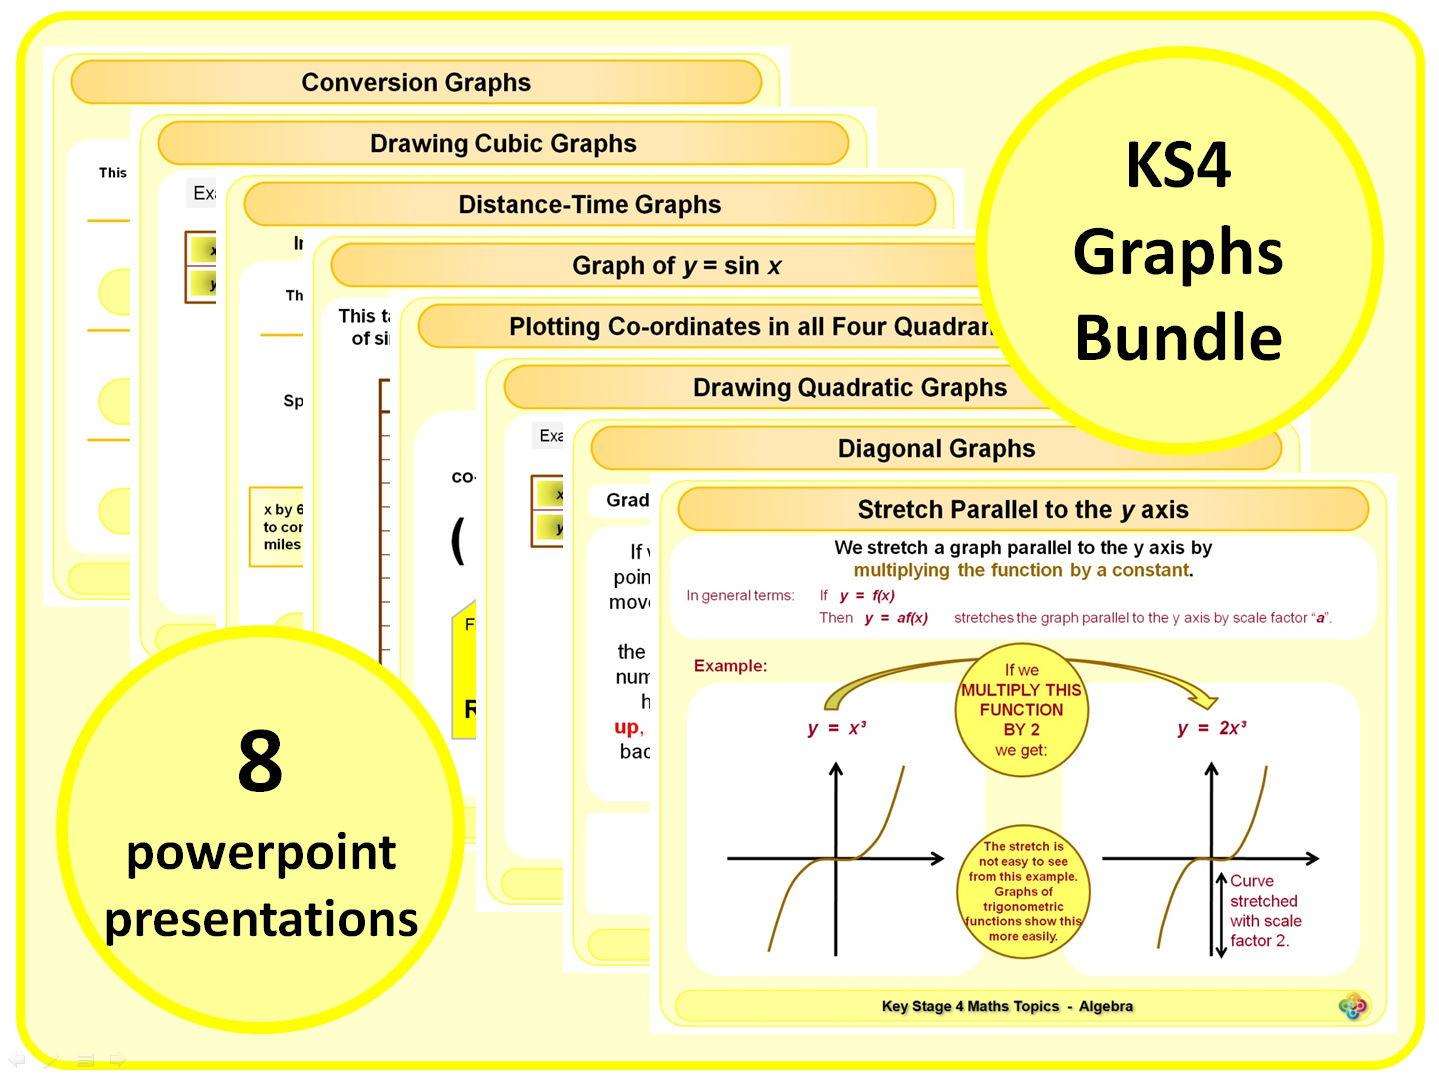 KS4 Graphs BUNDLE